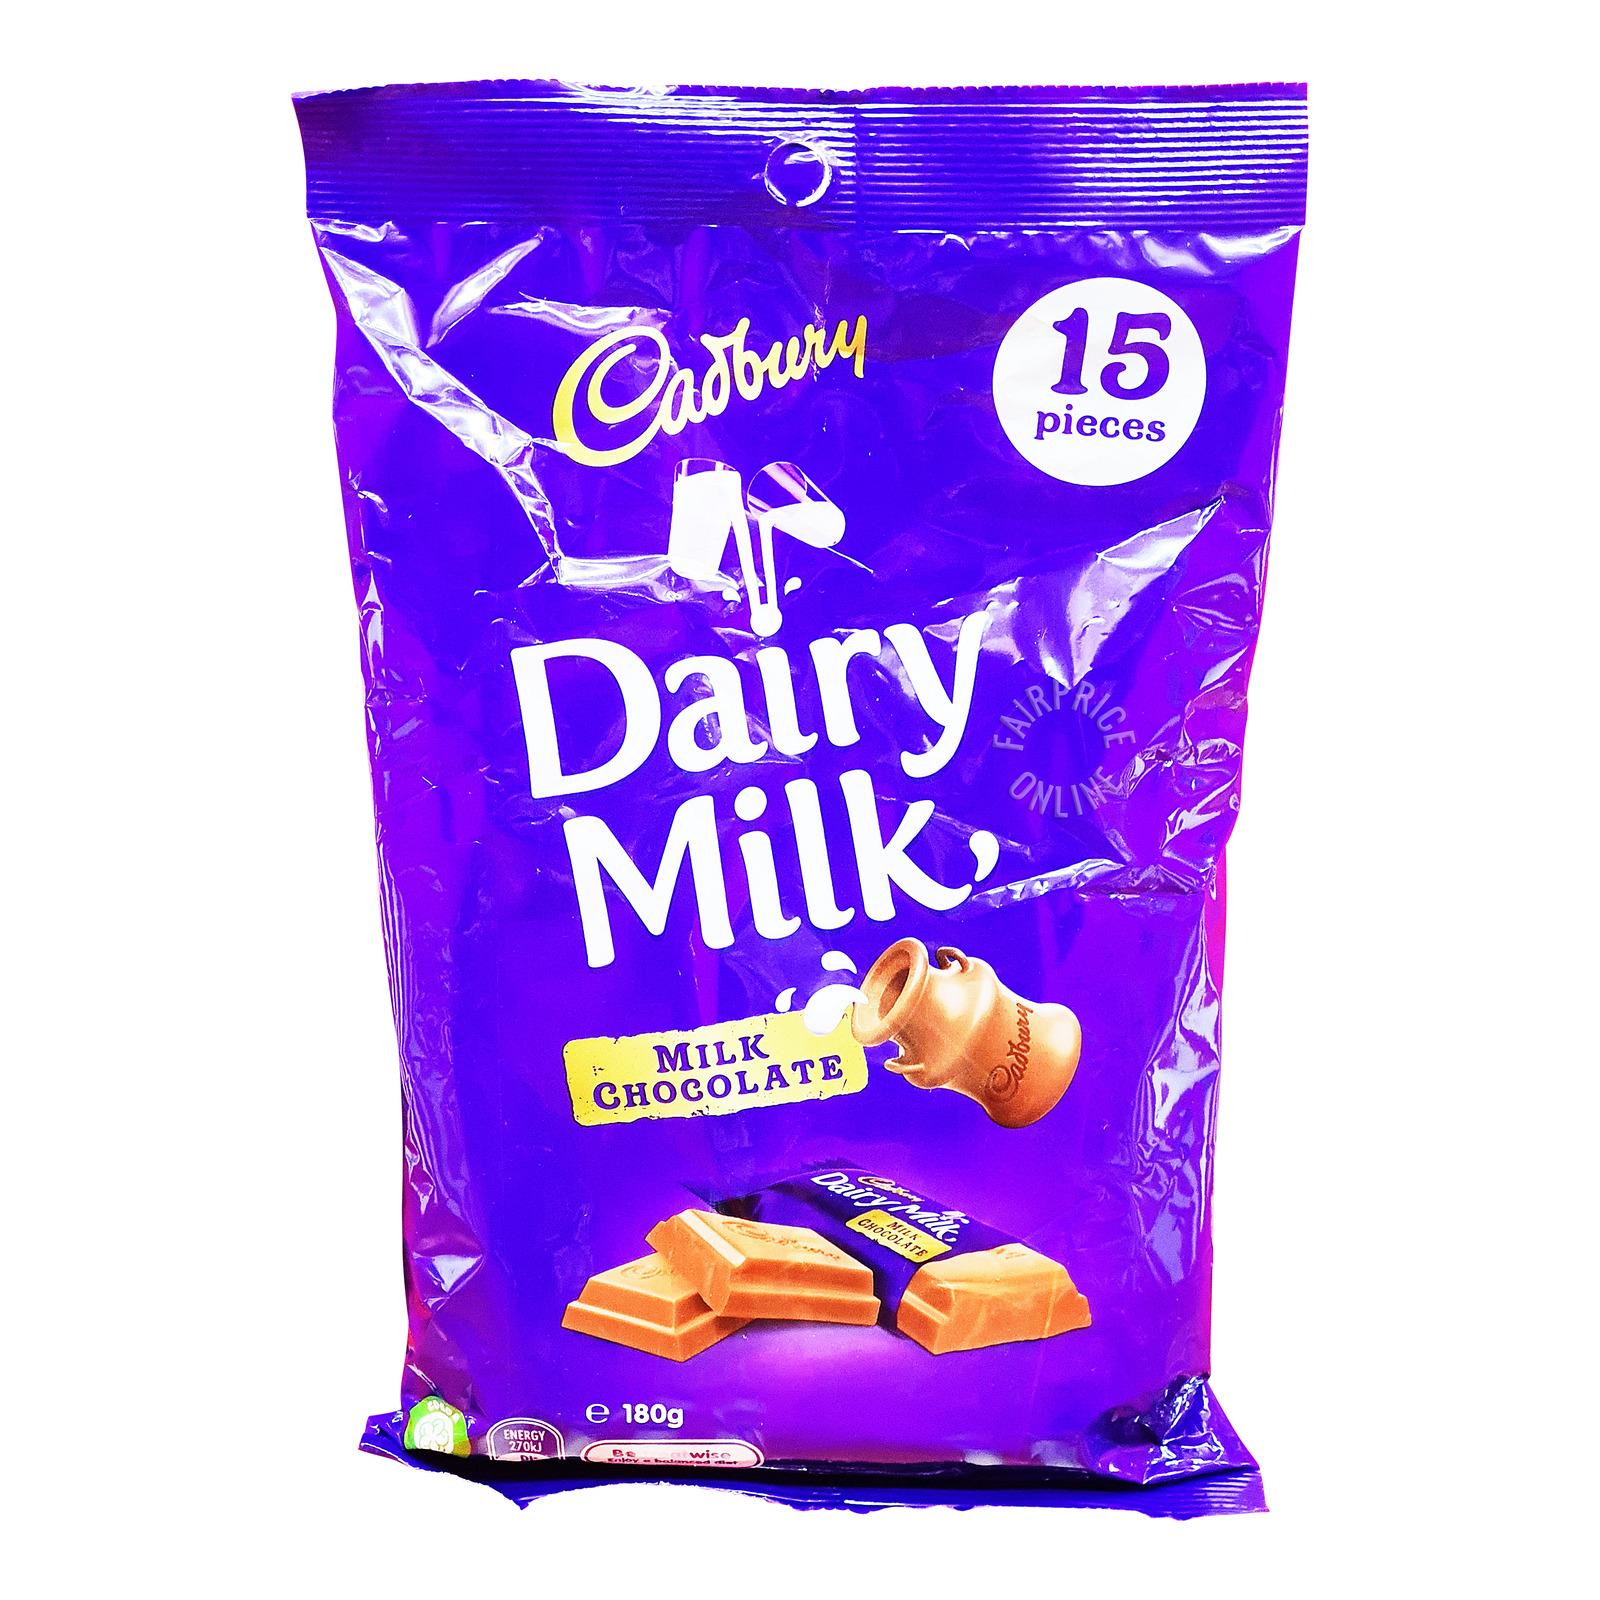 Cadbury Dairy Milk Chocolate Sharepack - Original